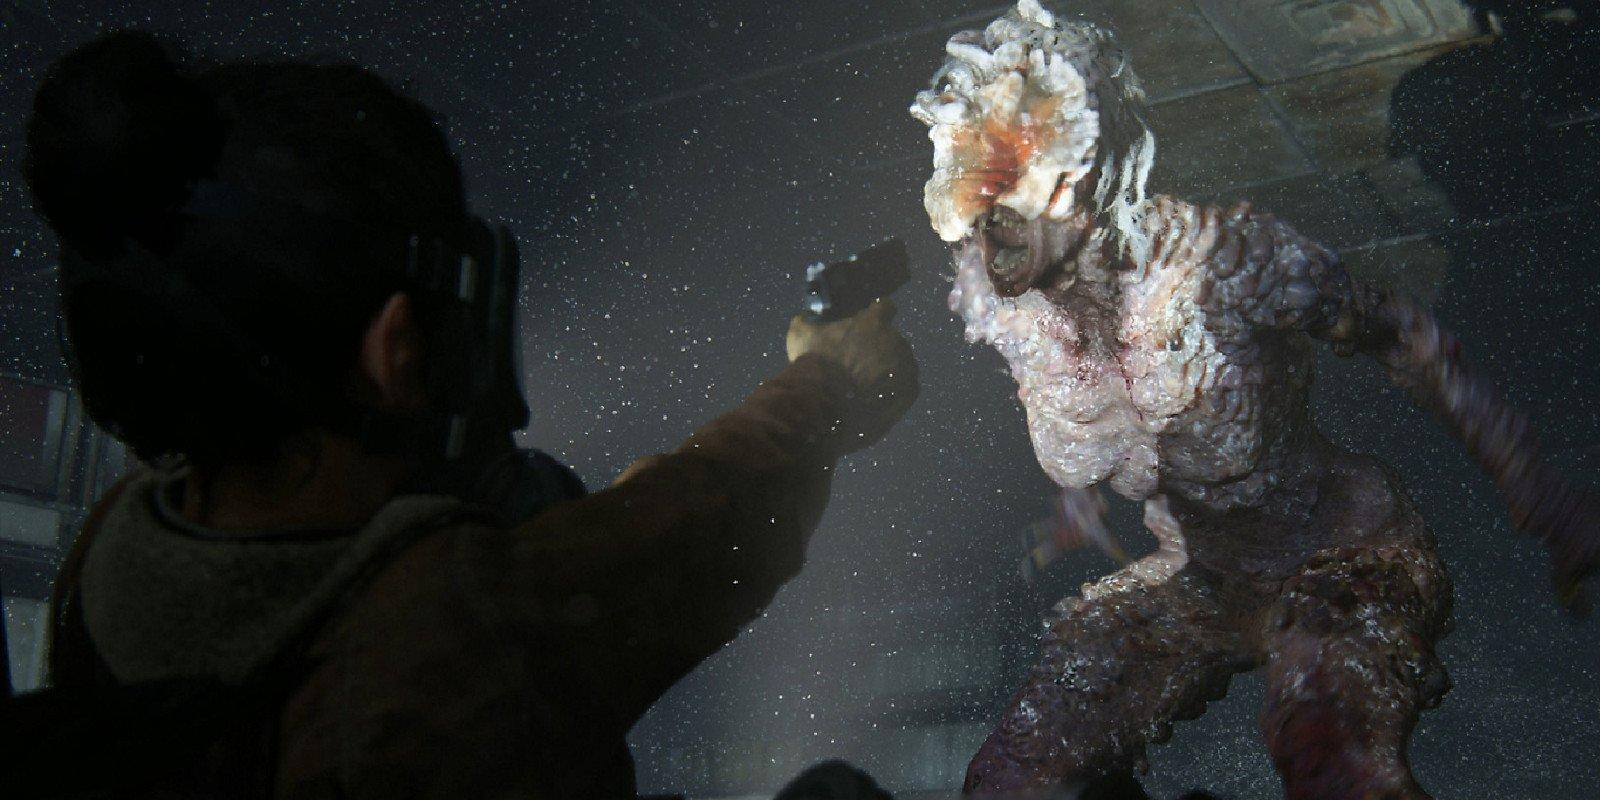 Imagen de The Last of Us Part II Parte 2 Part 2 para PlayStation 4 videojuego